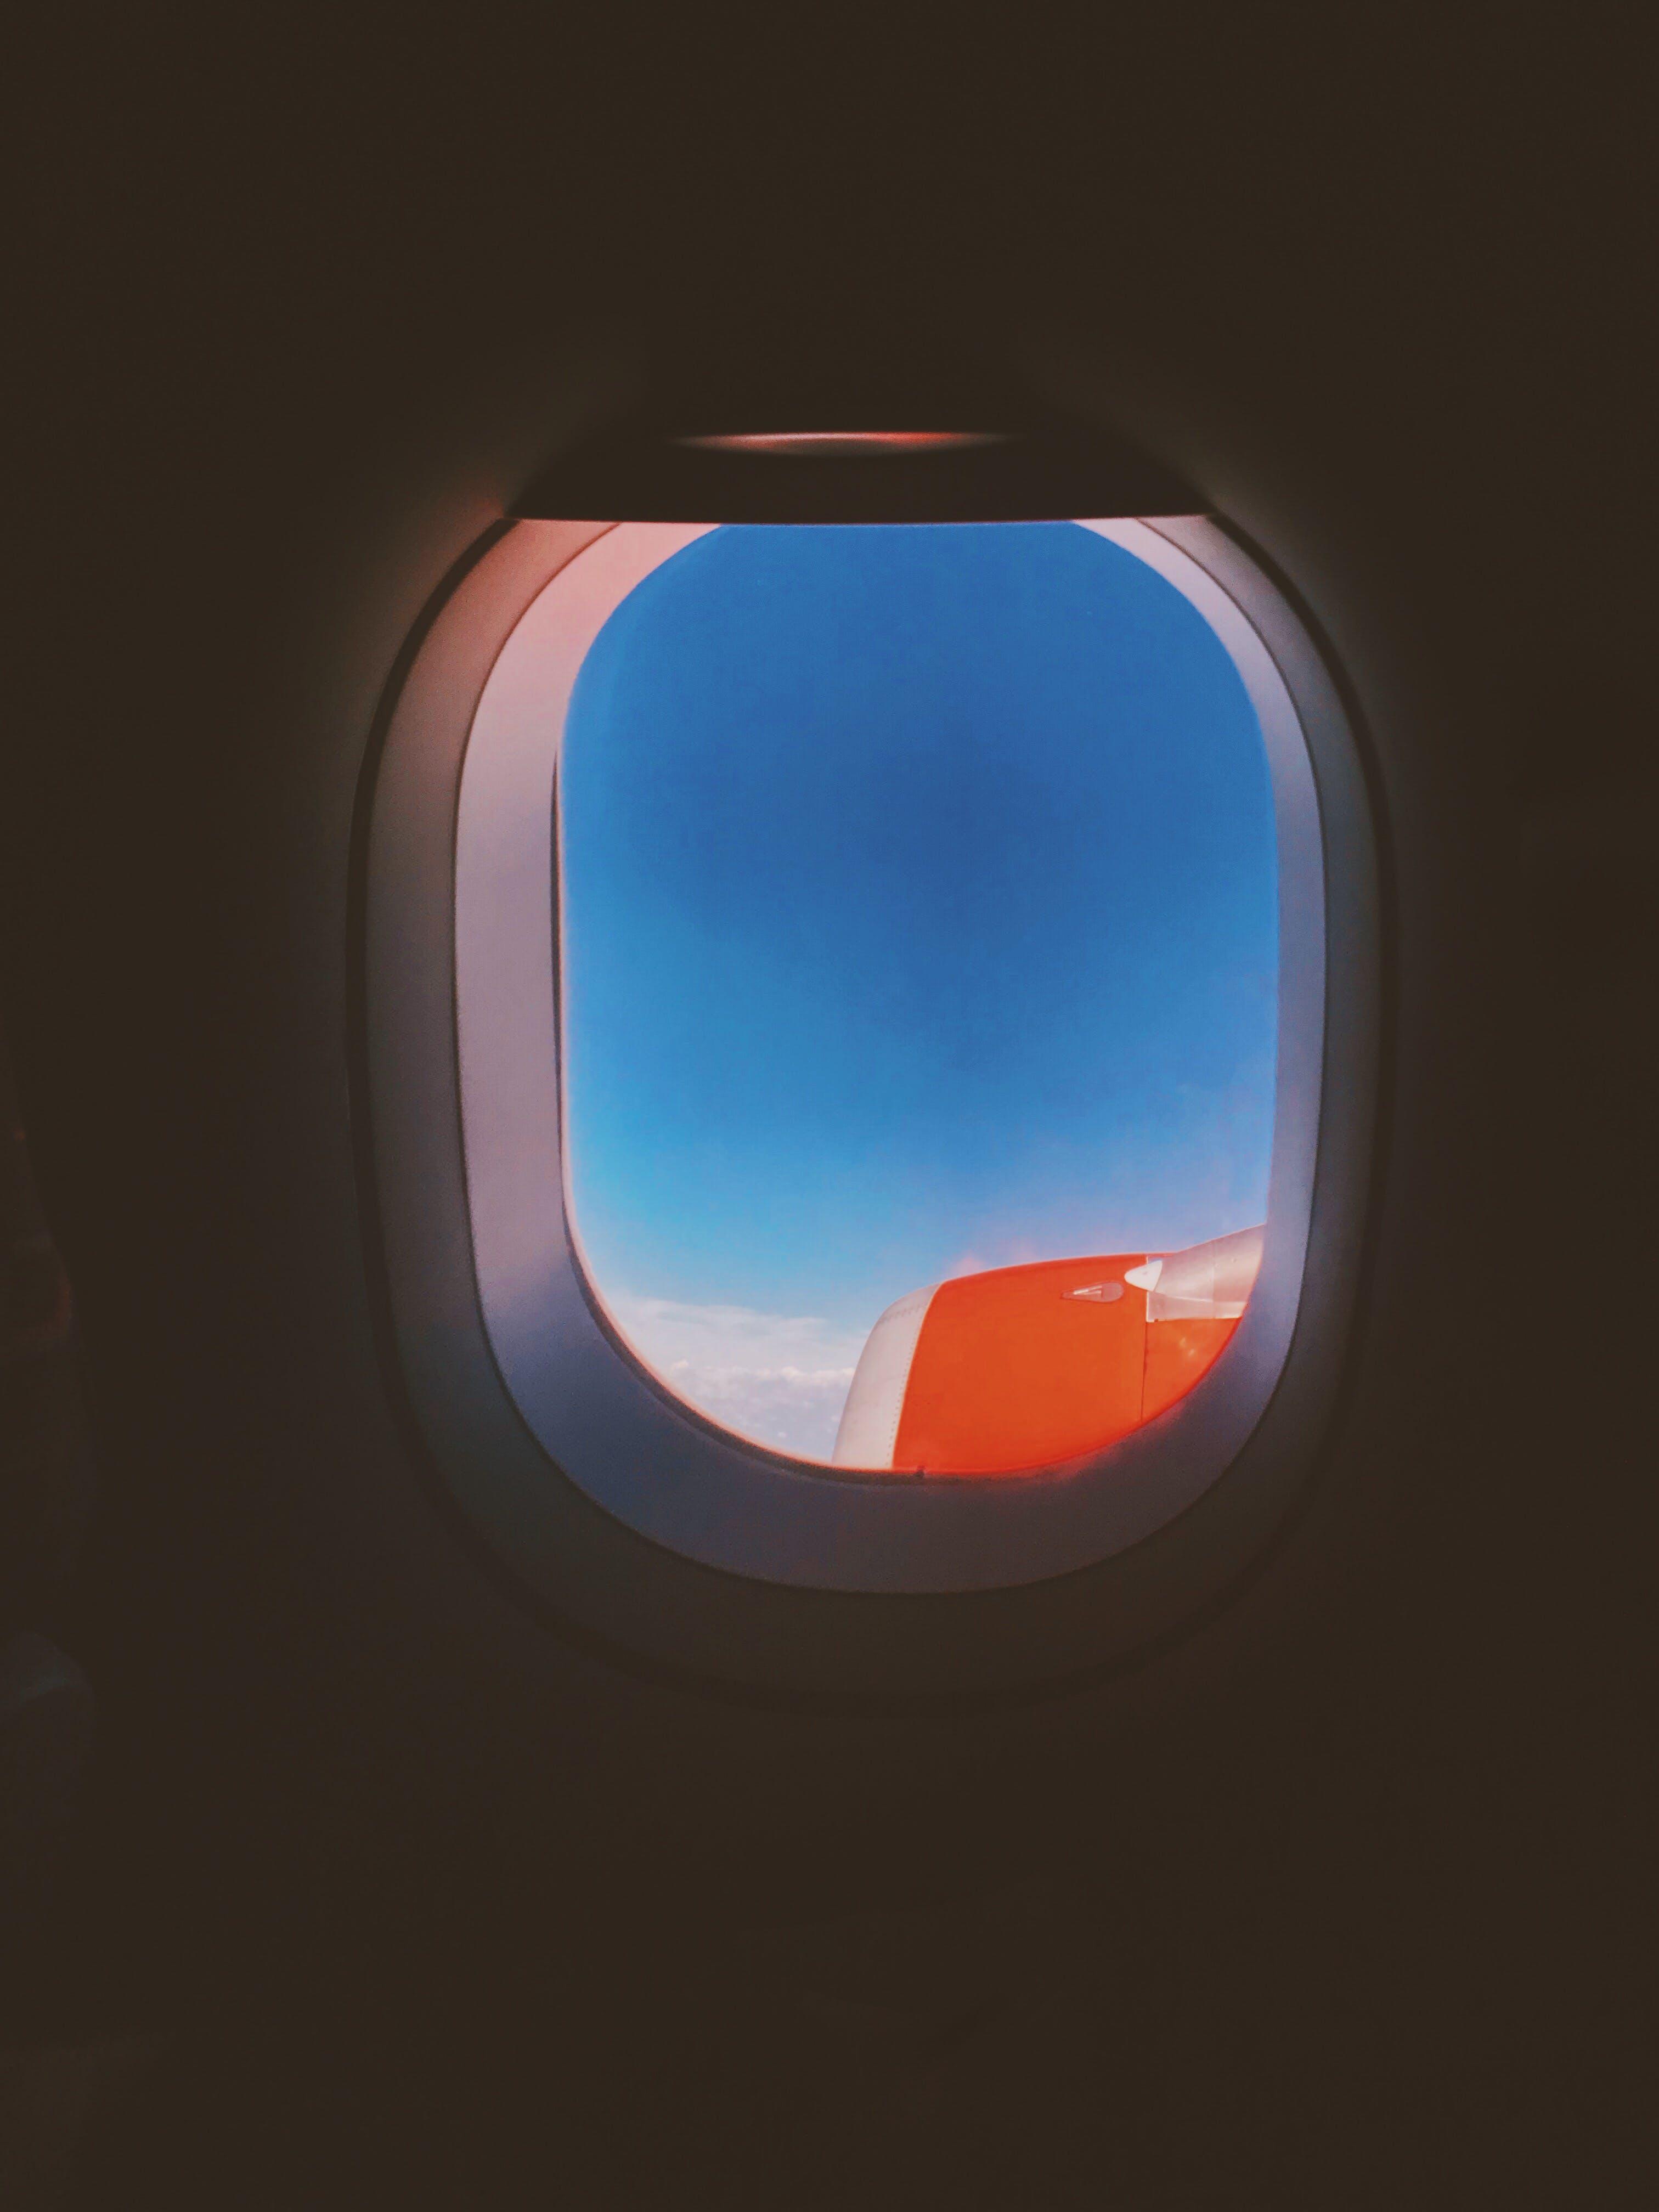 Orange Airplane Wing